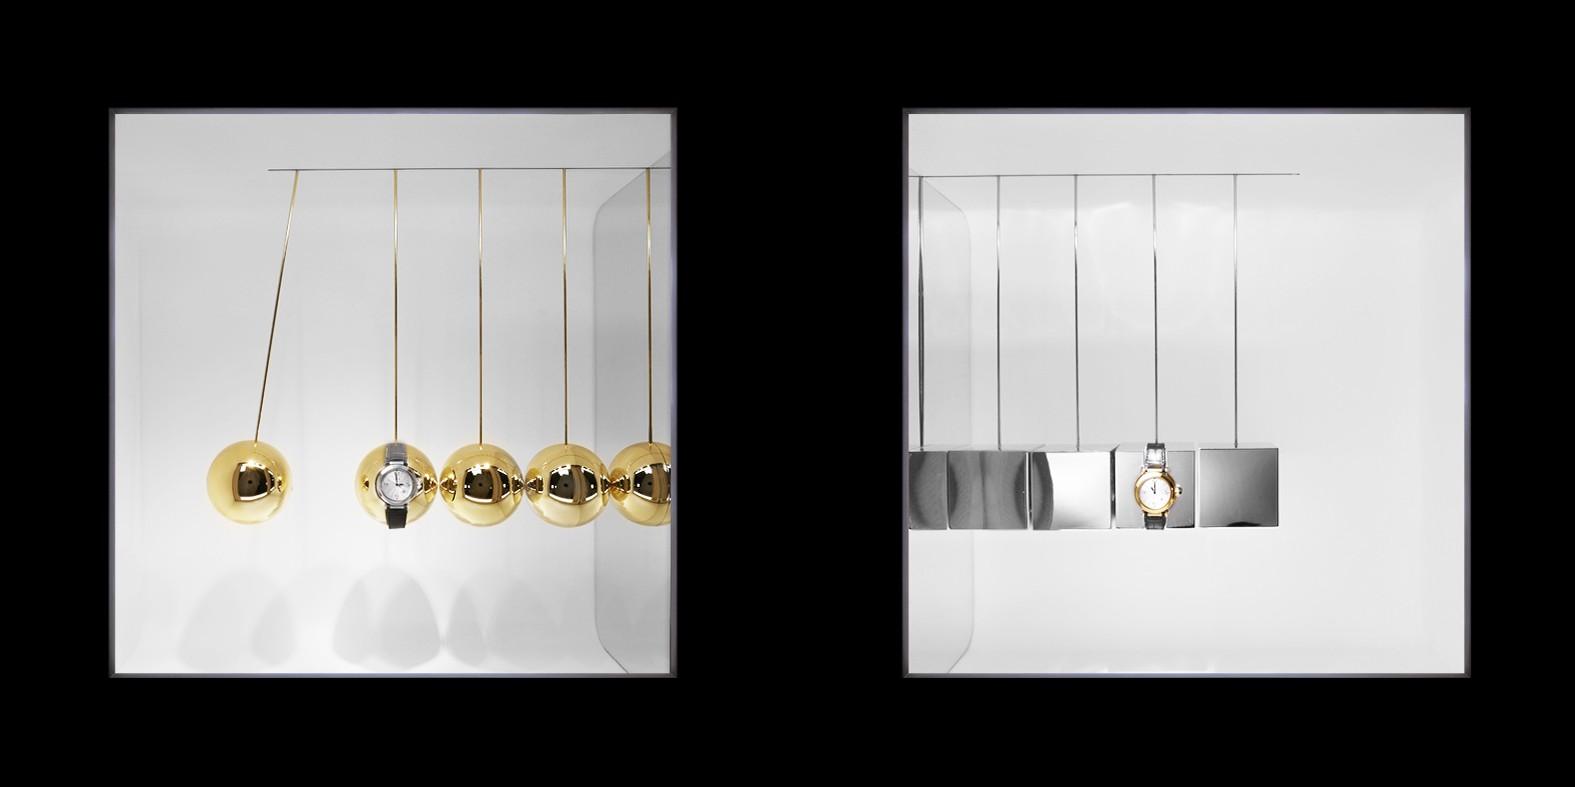 卡地亞推出2020年腕錶新作專屬數位平台—「卡地亞製錶奇遇」(Cartier Watchmaking Encounters)